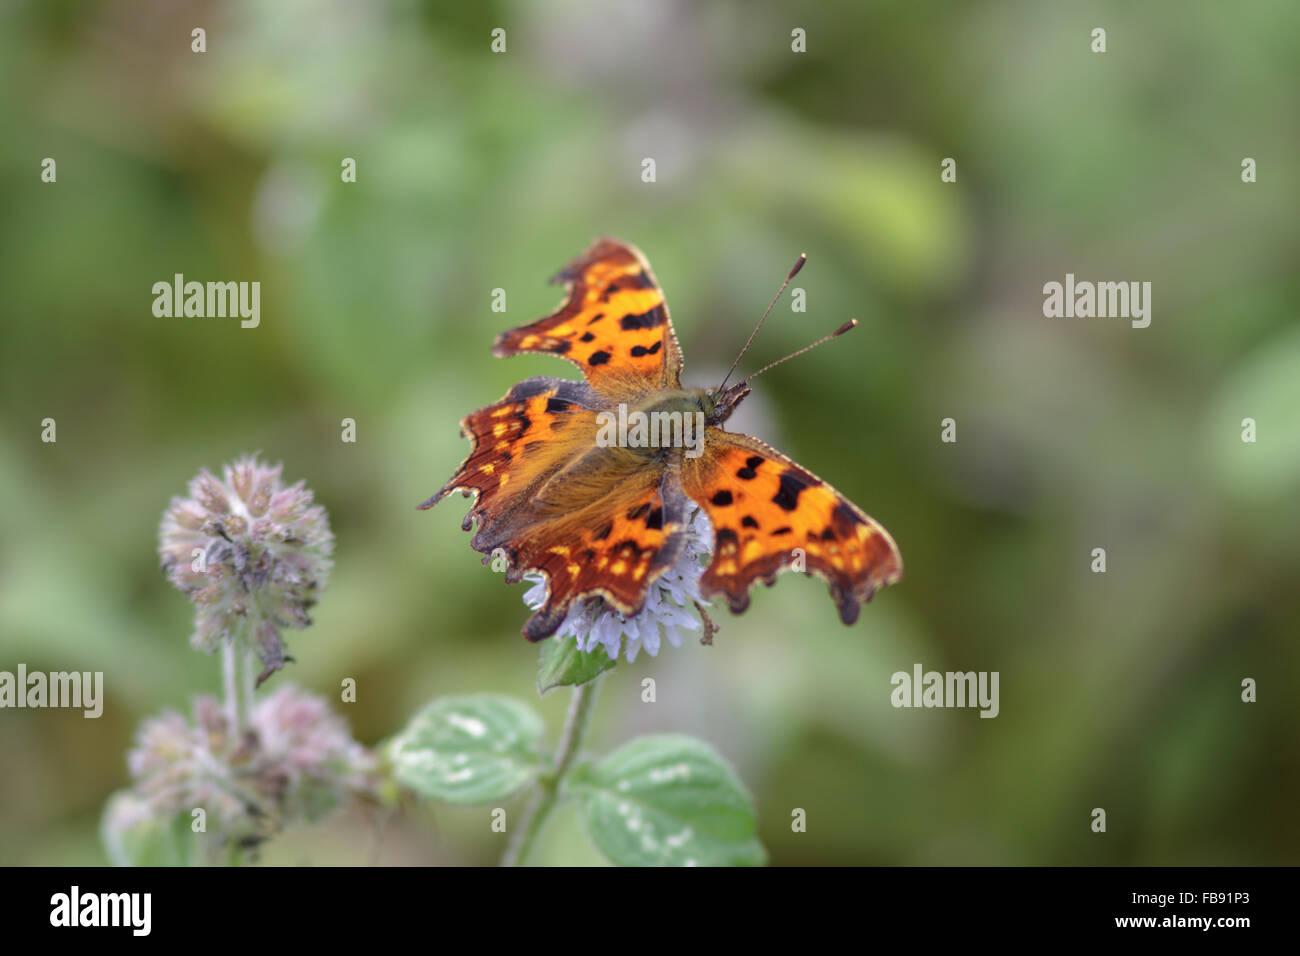 Komma Schmetterling thront auf einer Blume. Stockbild